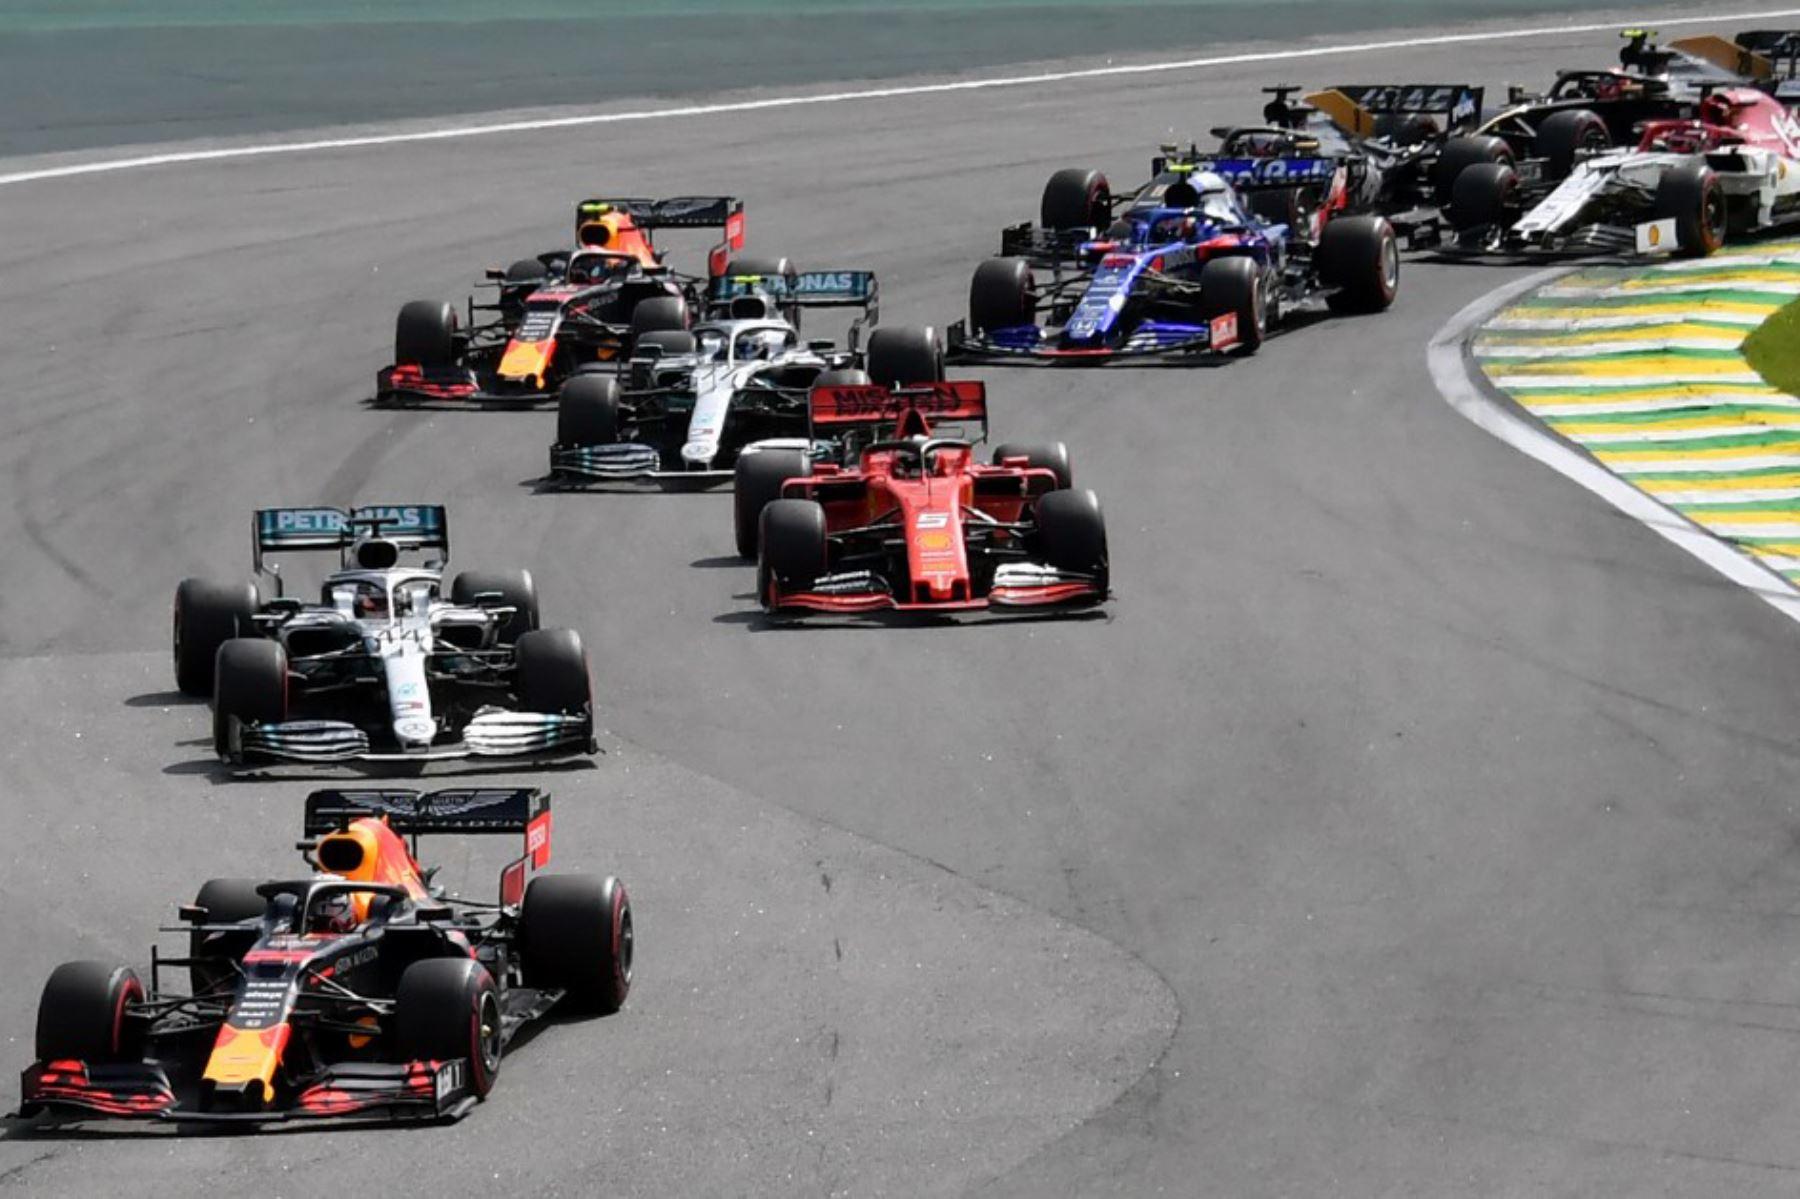 La Fórmula 1 desembarca en Catar en noviembre y se instalará una década